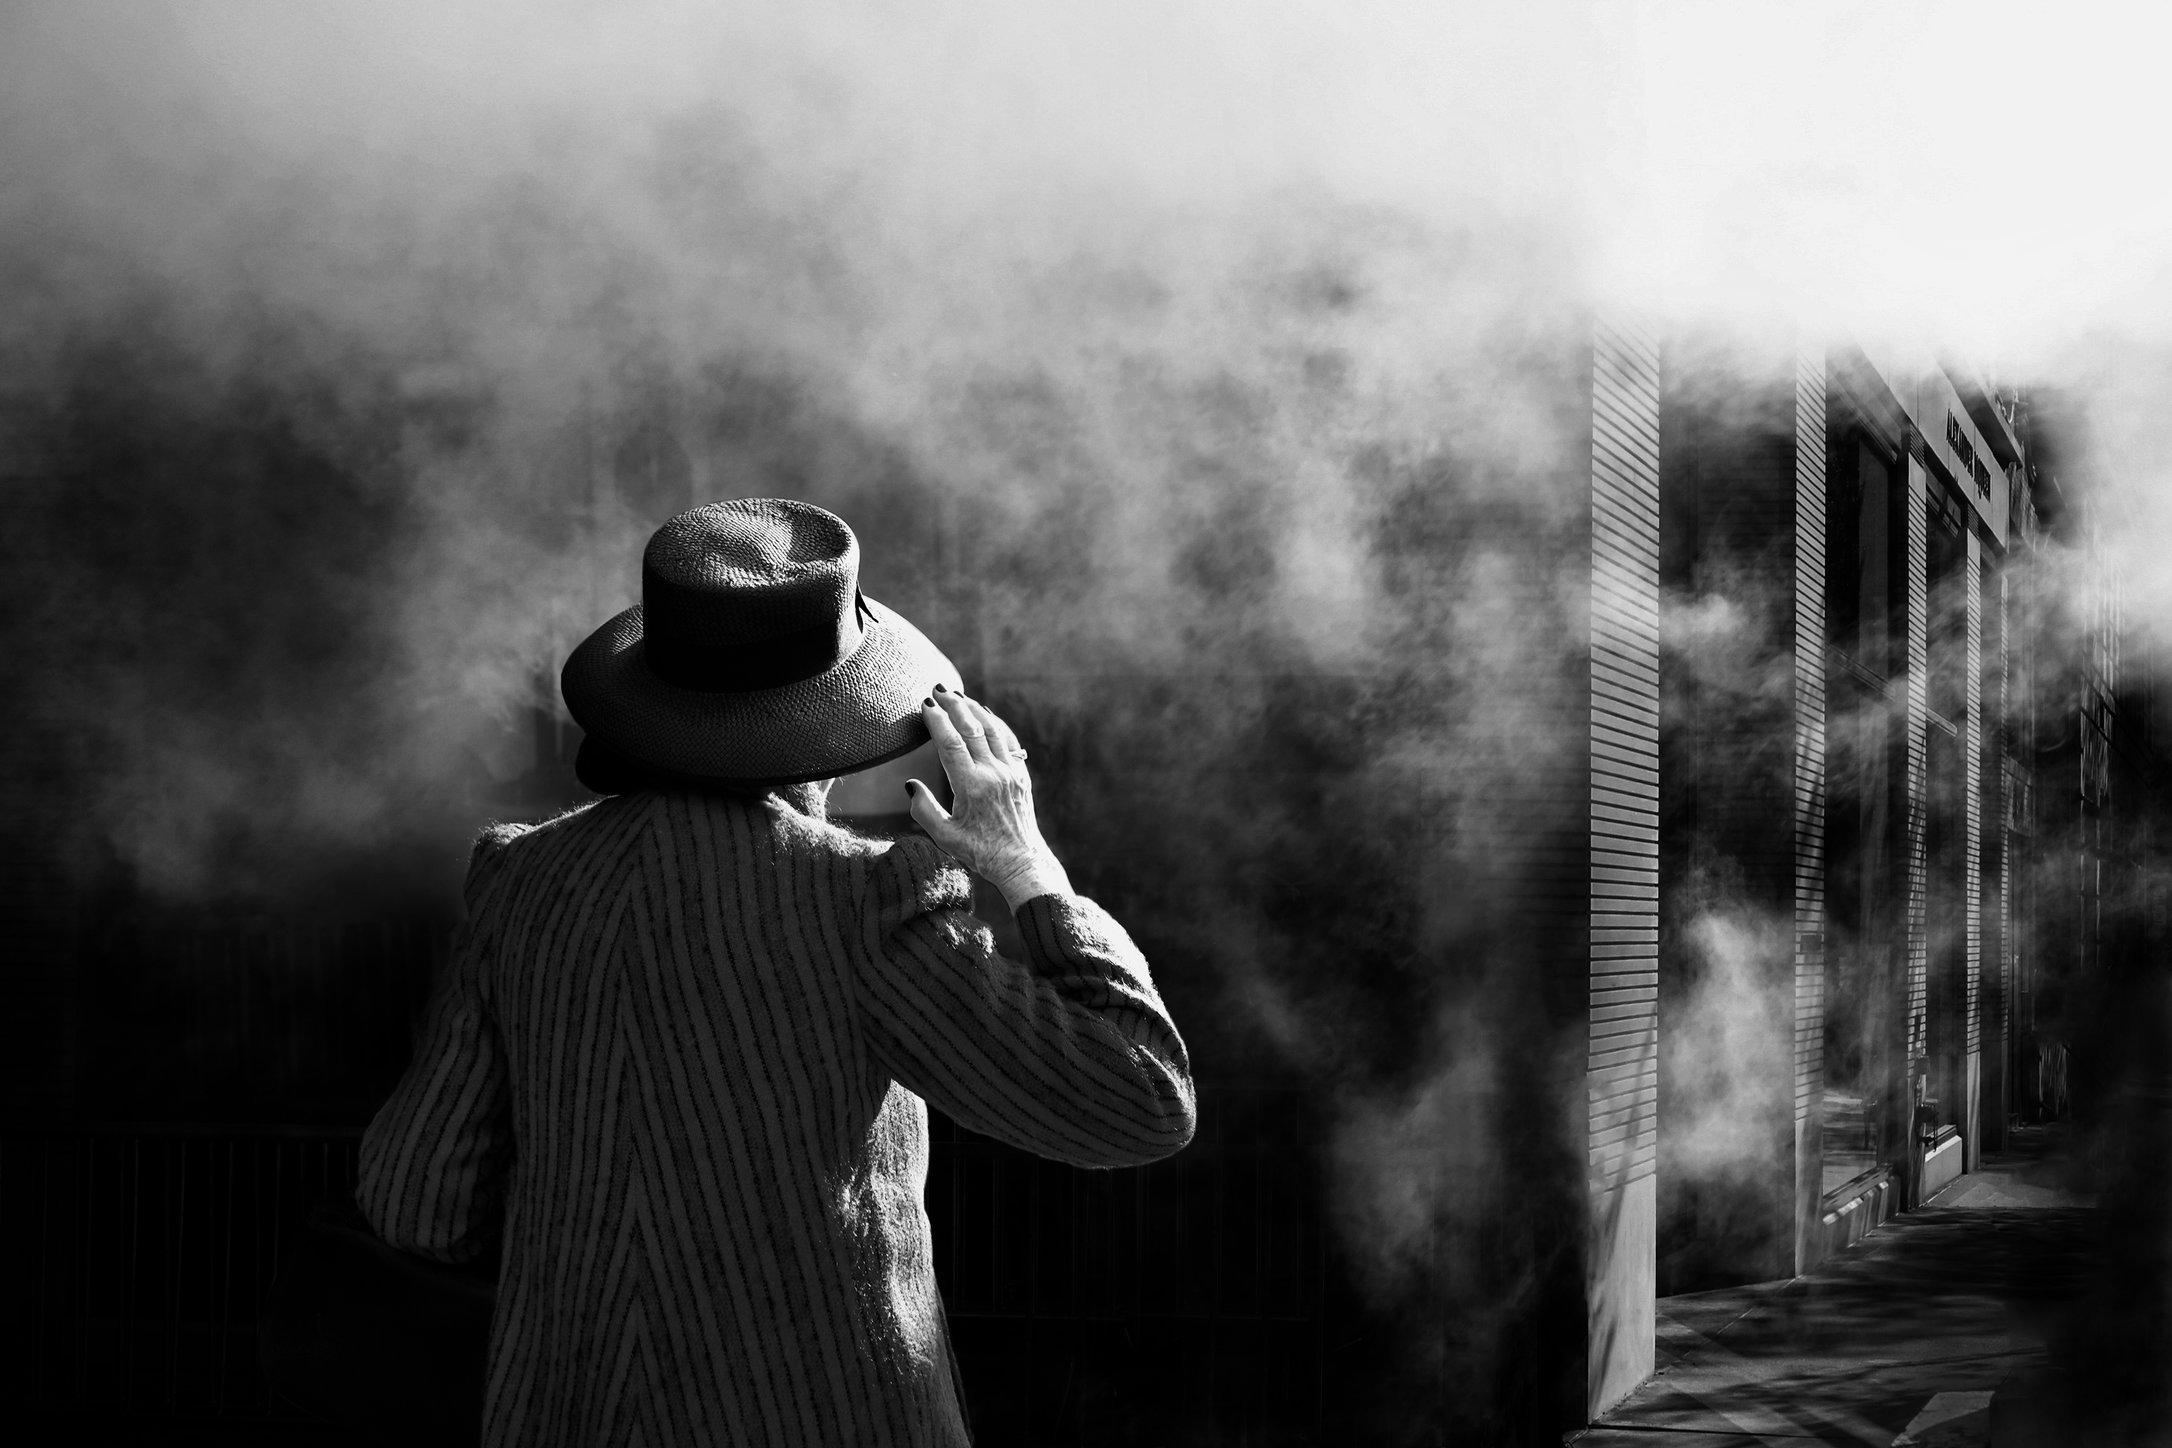 hat-fog-mono-final.jpg